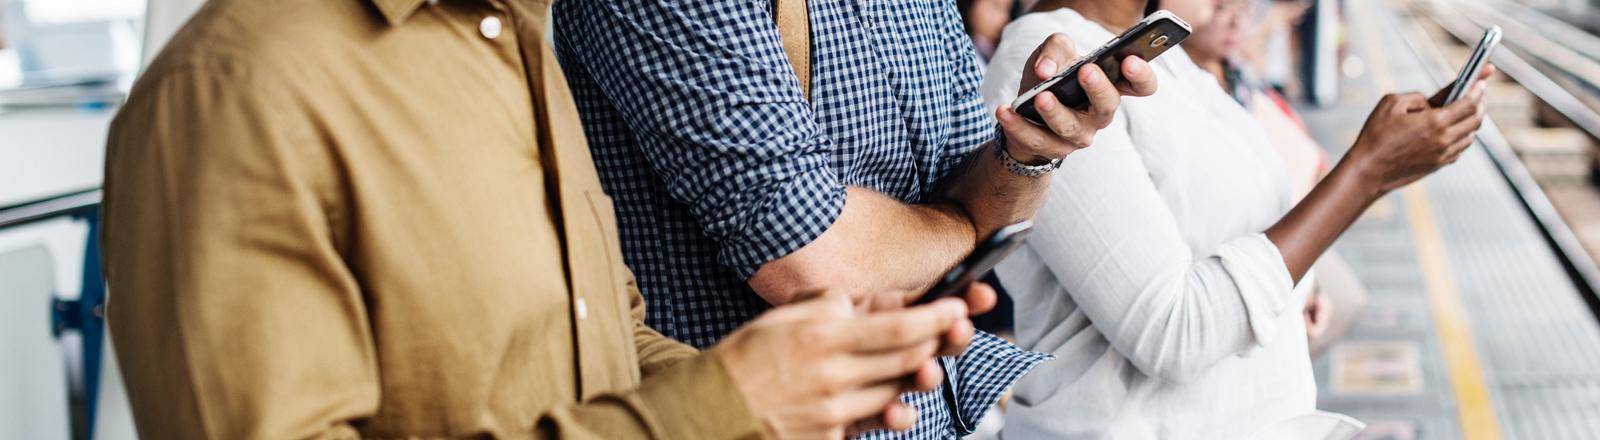 Menschen schauen auf ihr Smartphone